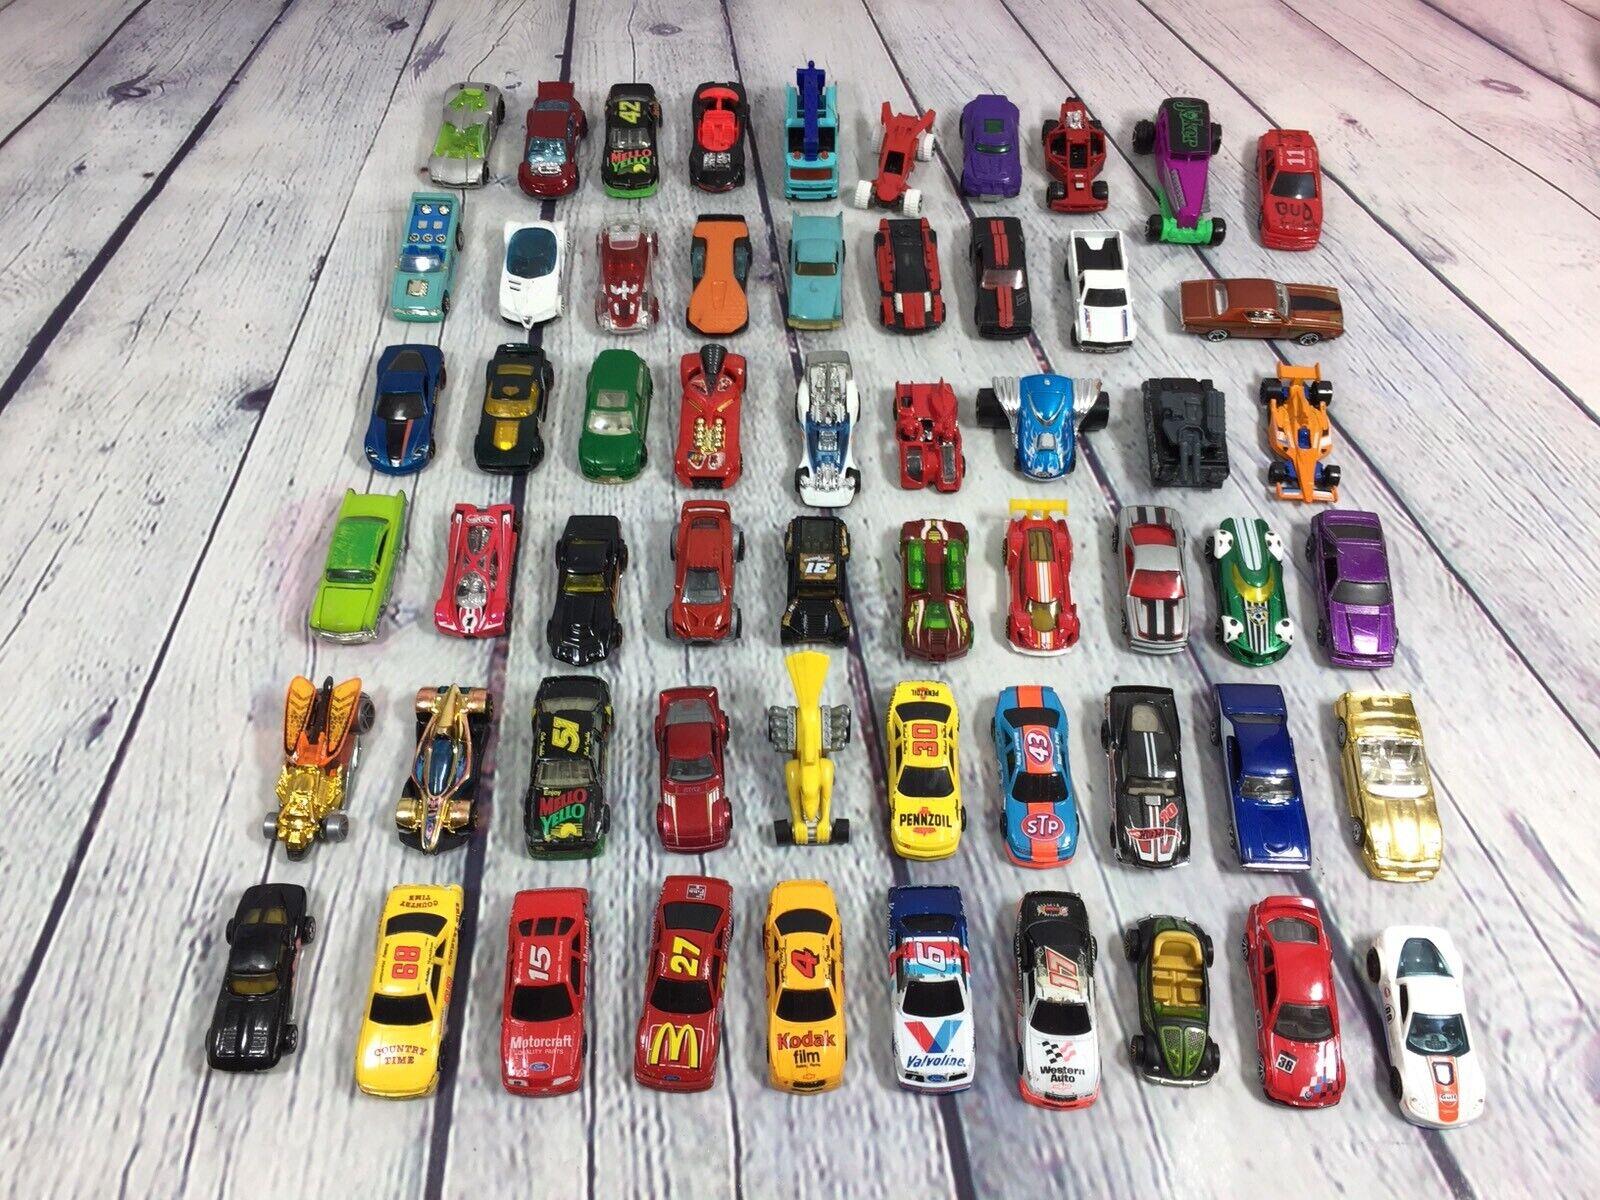 Hot Wheels Matchbox Lote De 55 piezas sueltas utilizado jugó con Camiones Coches de Juguete